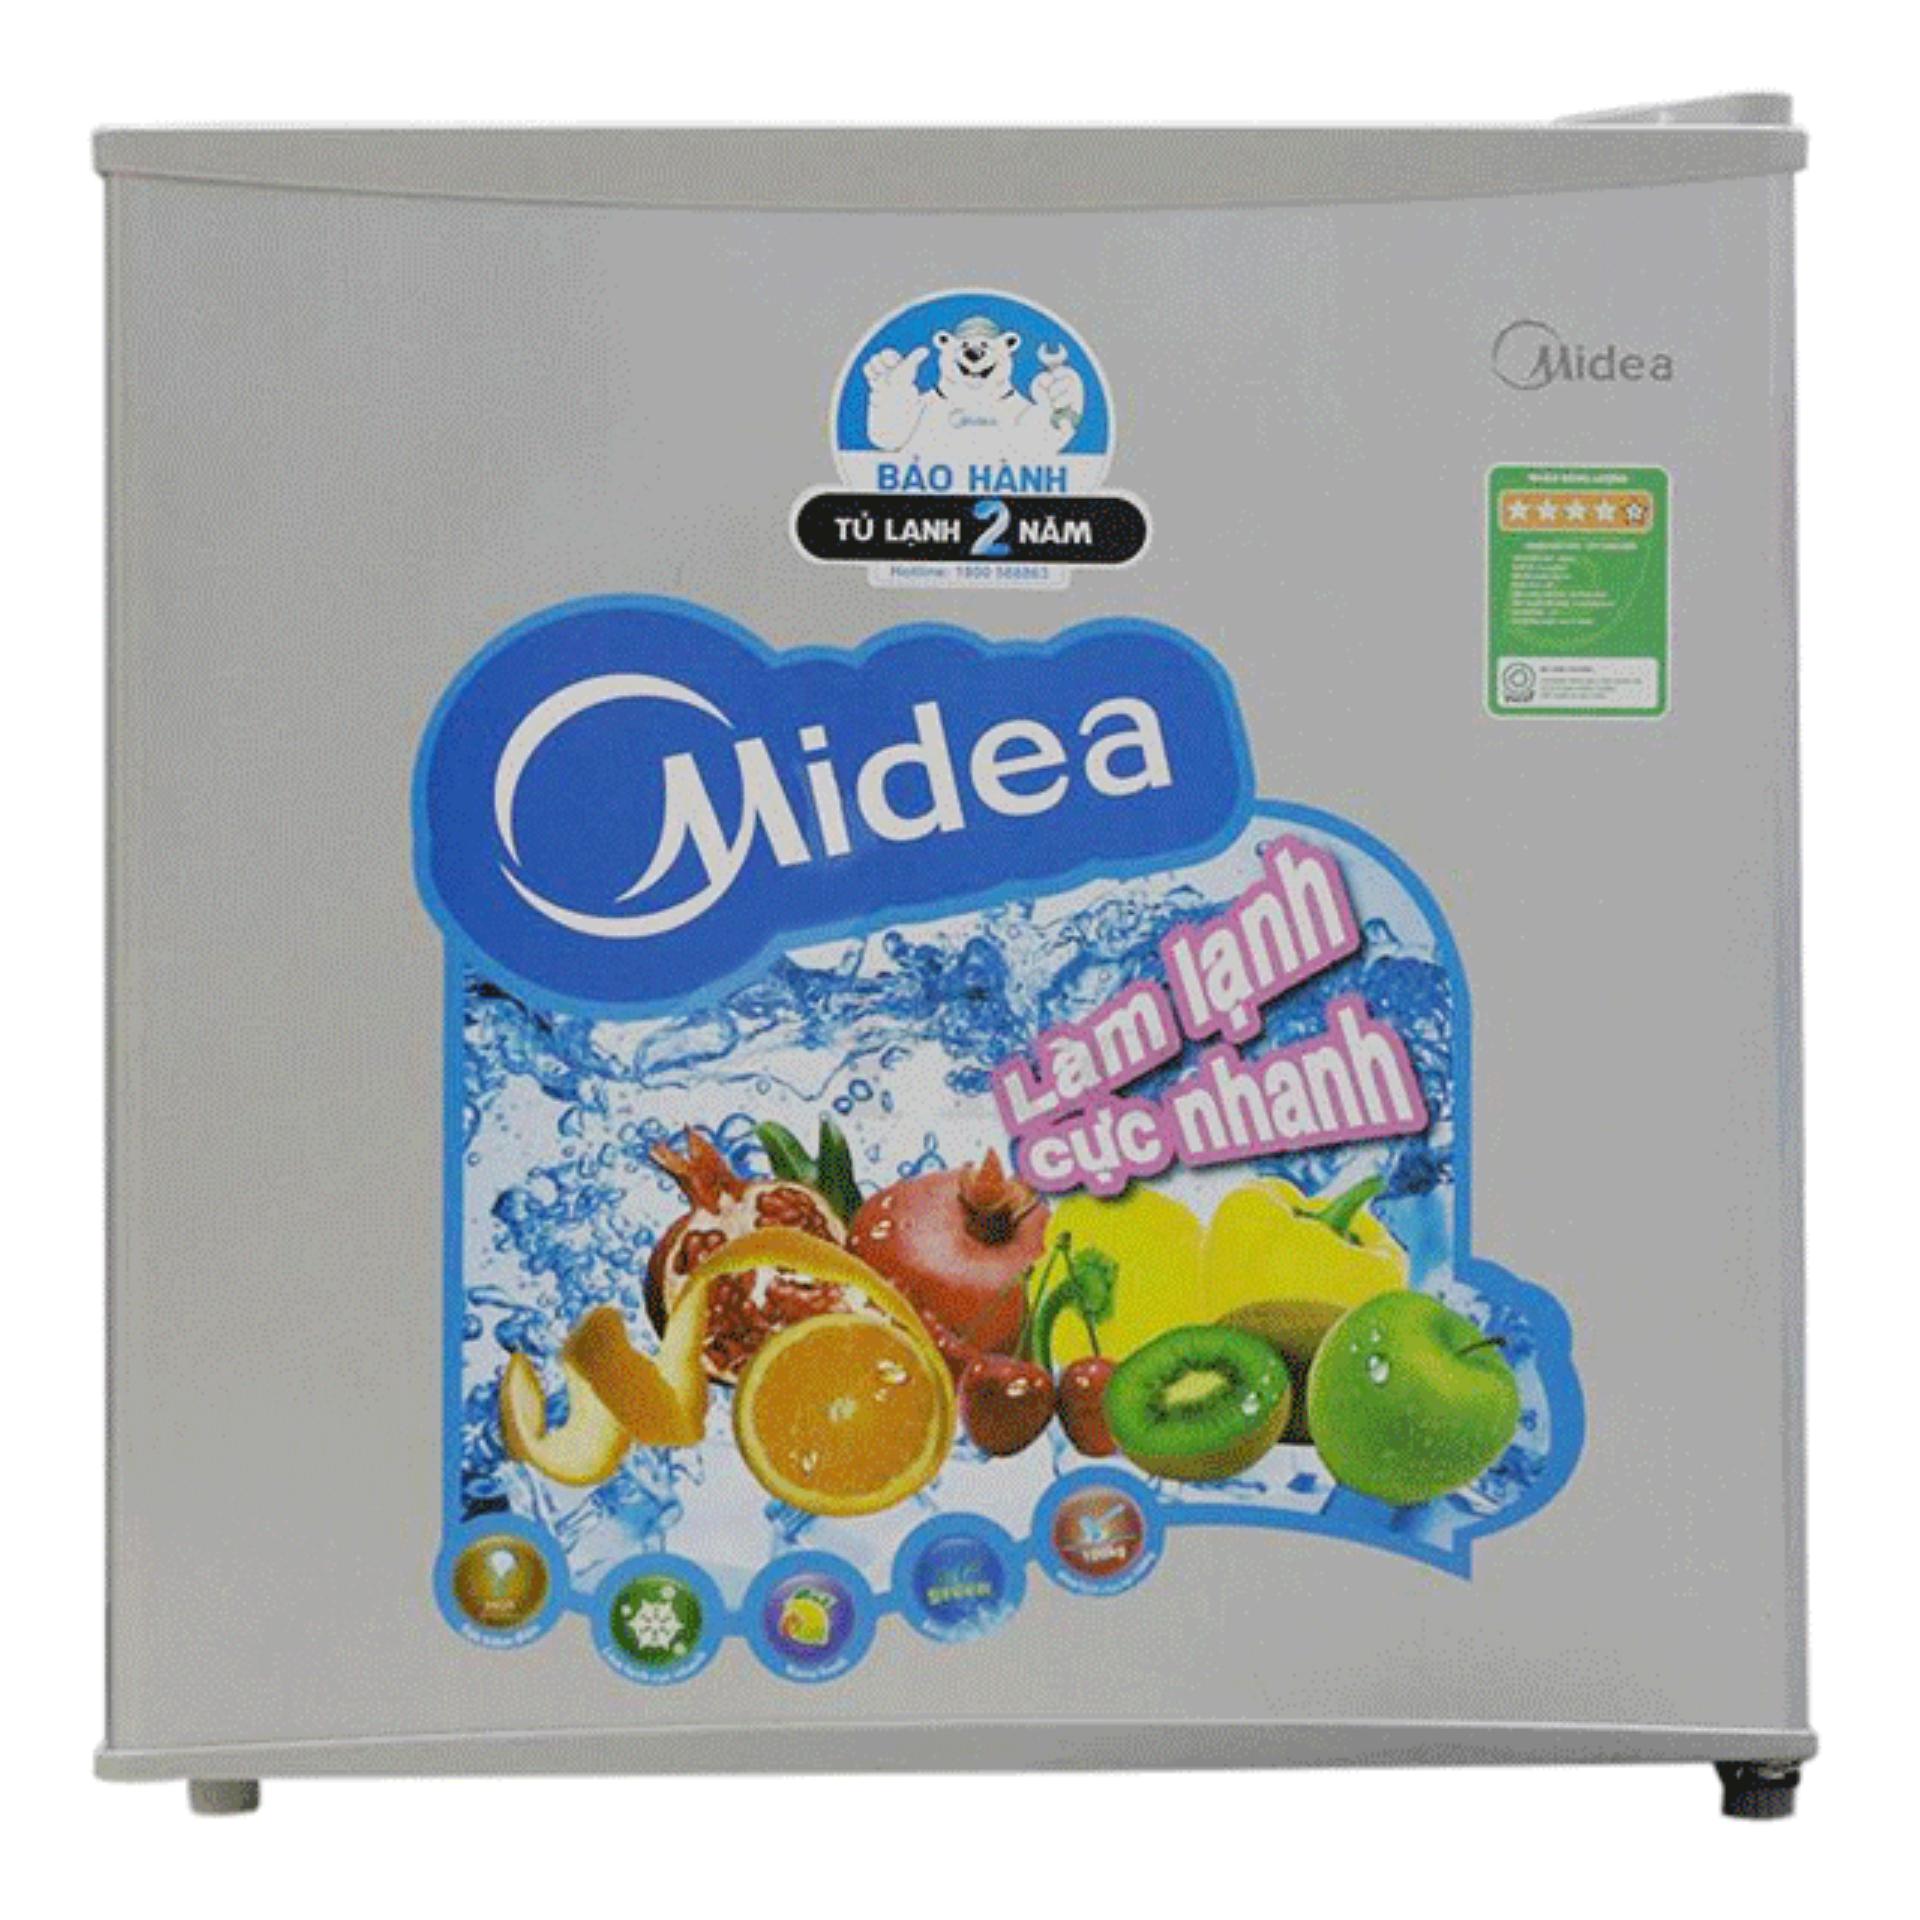 Tủ lạnh mini Midea HS-65SN 65 lít